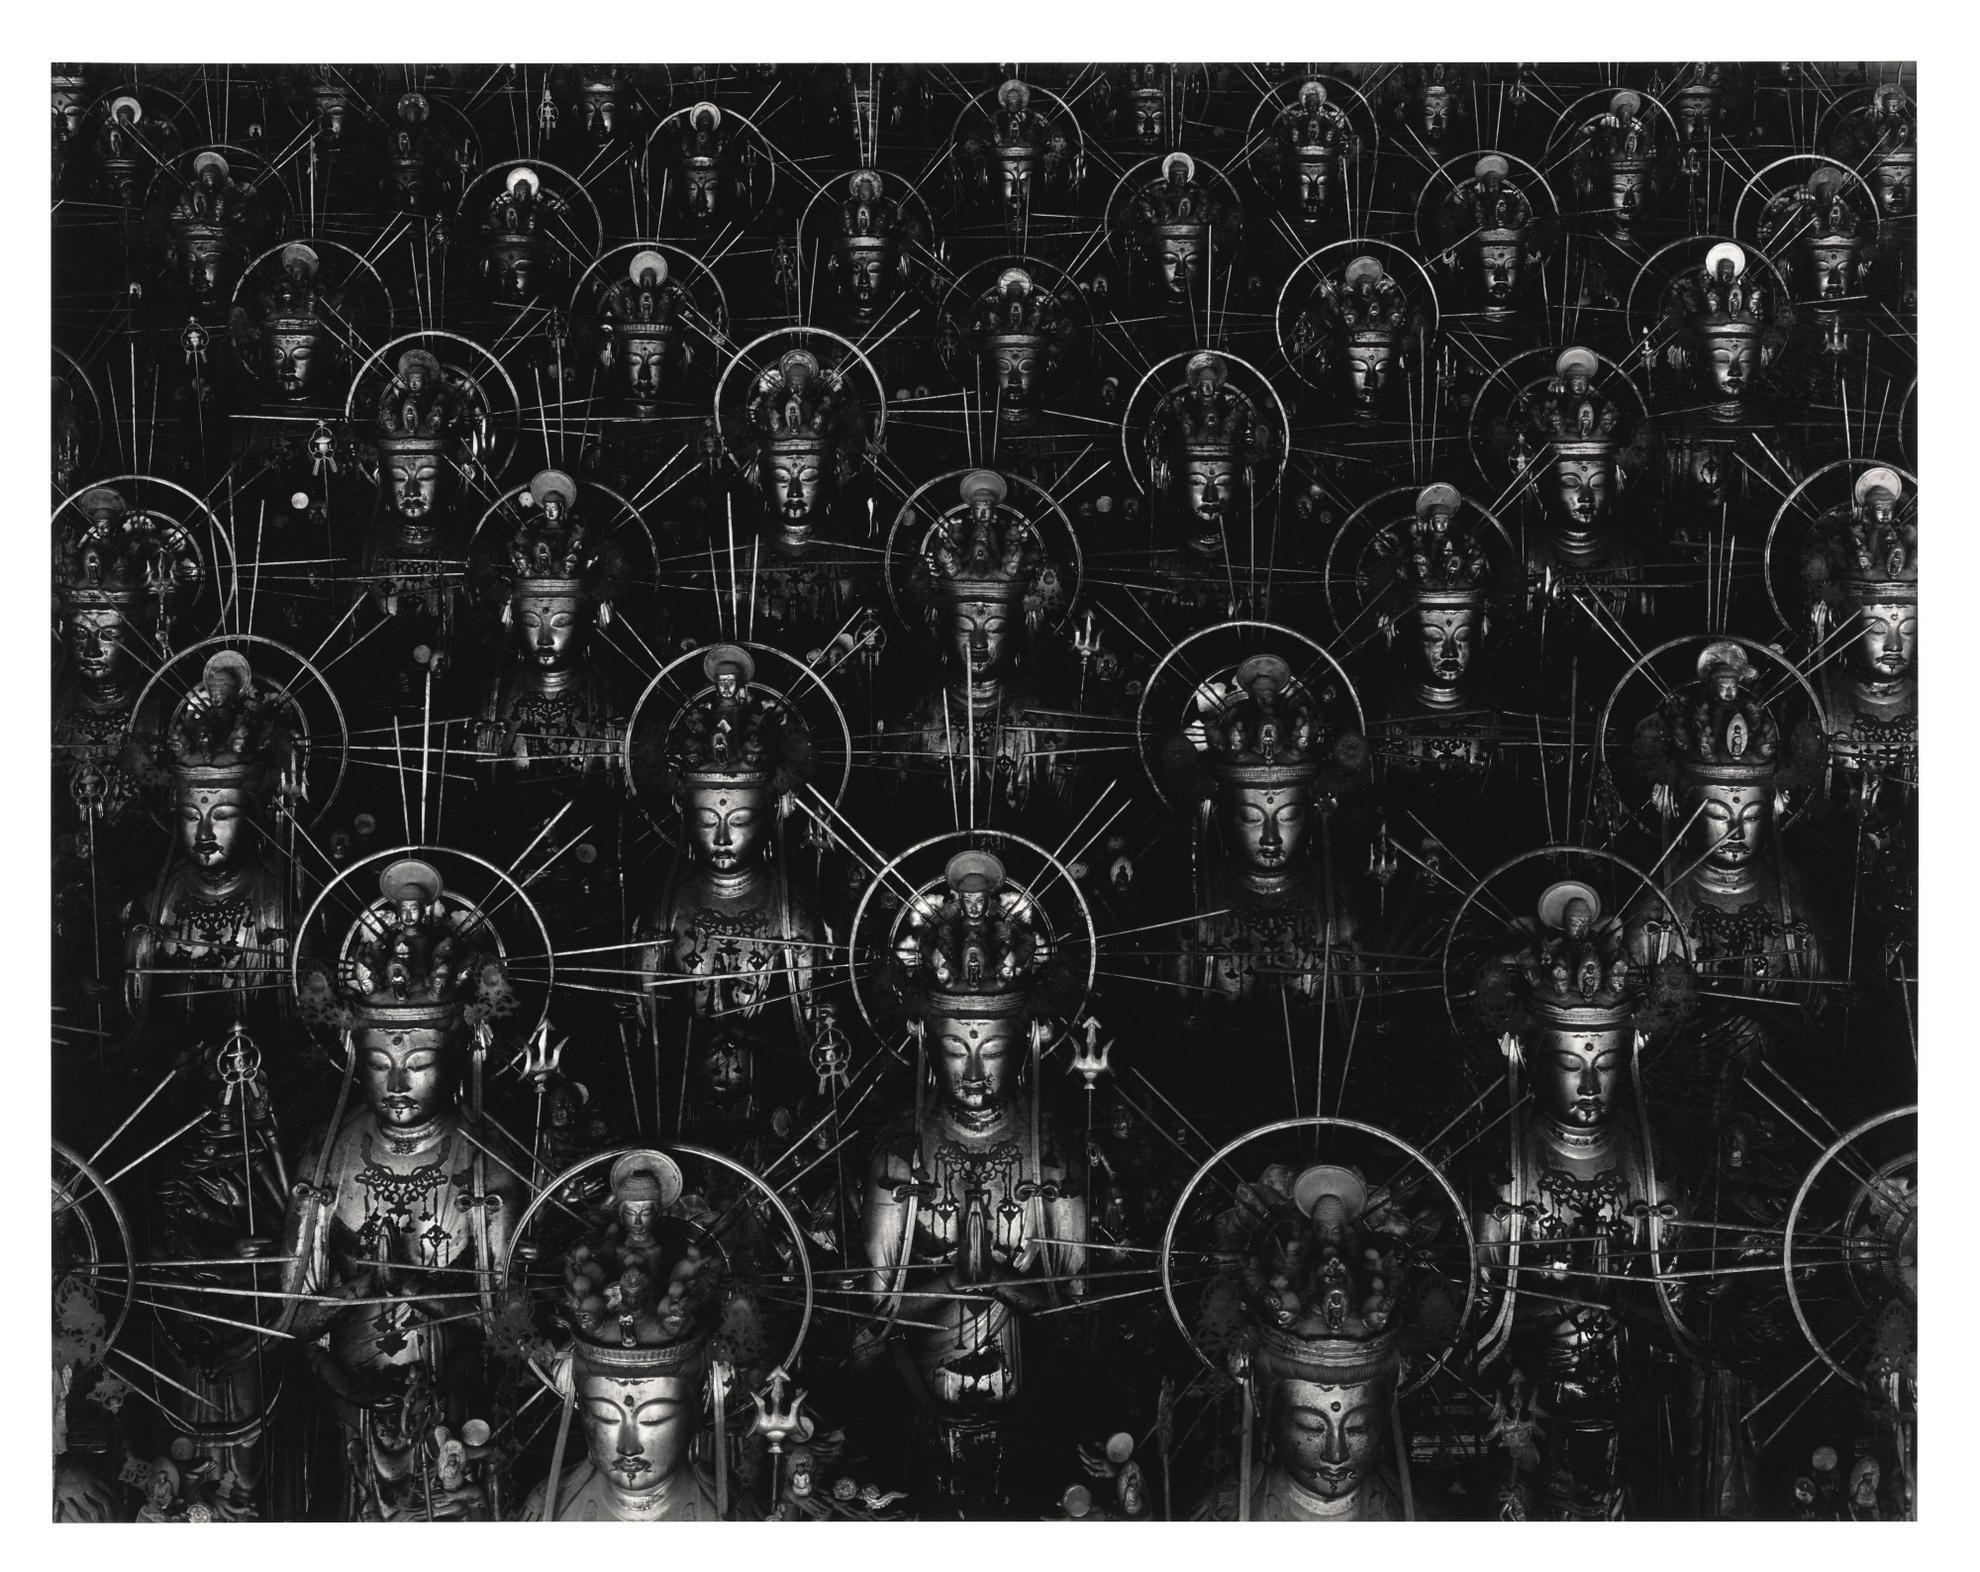 Hiroshi Sugimoto-Hall Of Thirty-Three Bays-1995